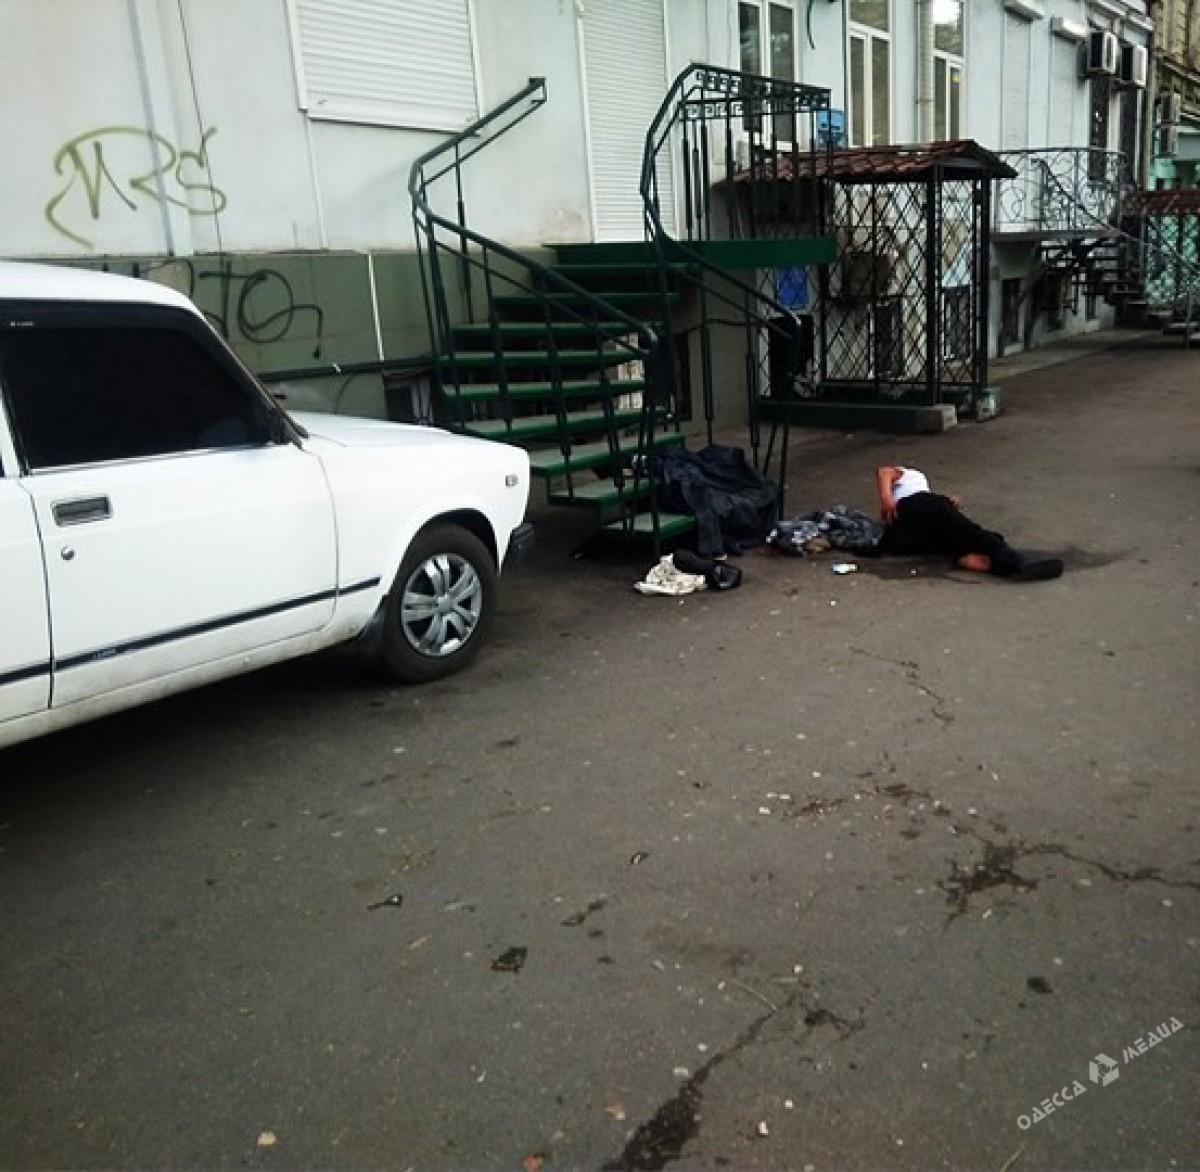 Пьяная одесситка без определенного места жительства упала в центре города и разбила голову (фото)